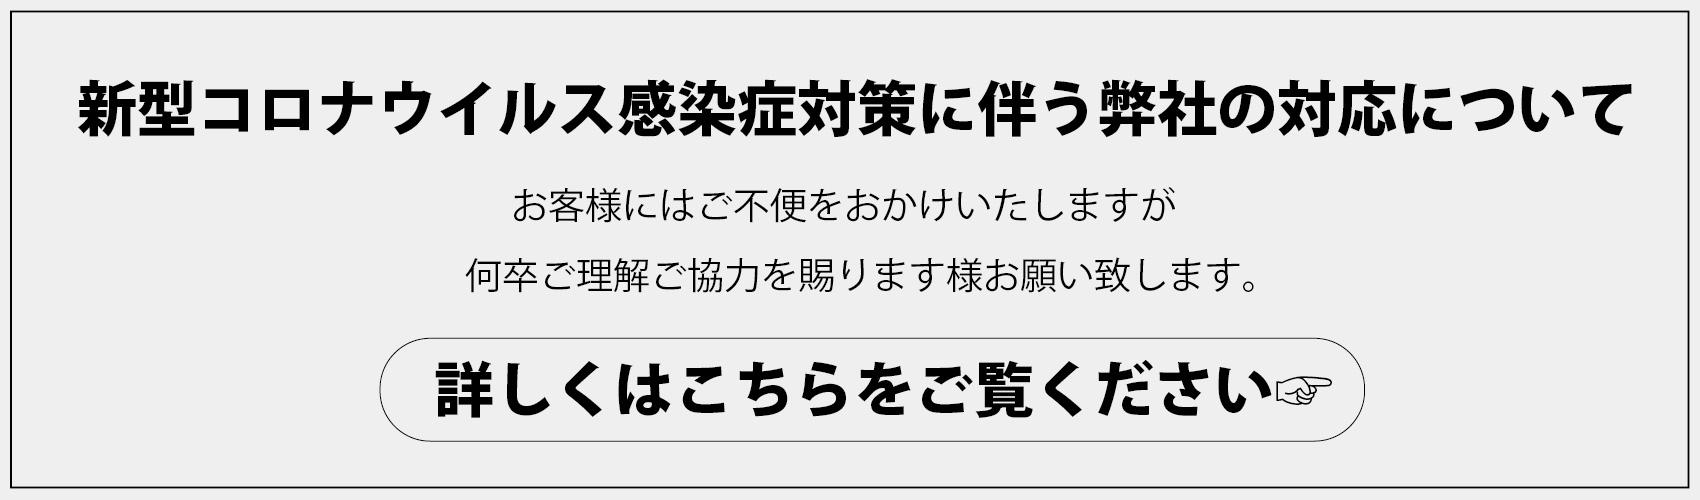 鹿屋 市 爆砕 鹿屋爆砕メンバー飲んかた決定! -...